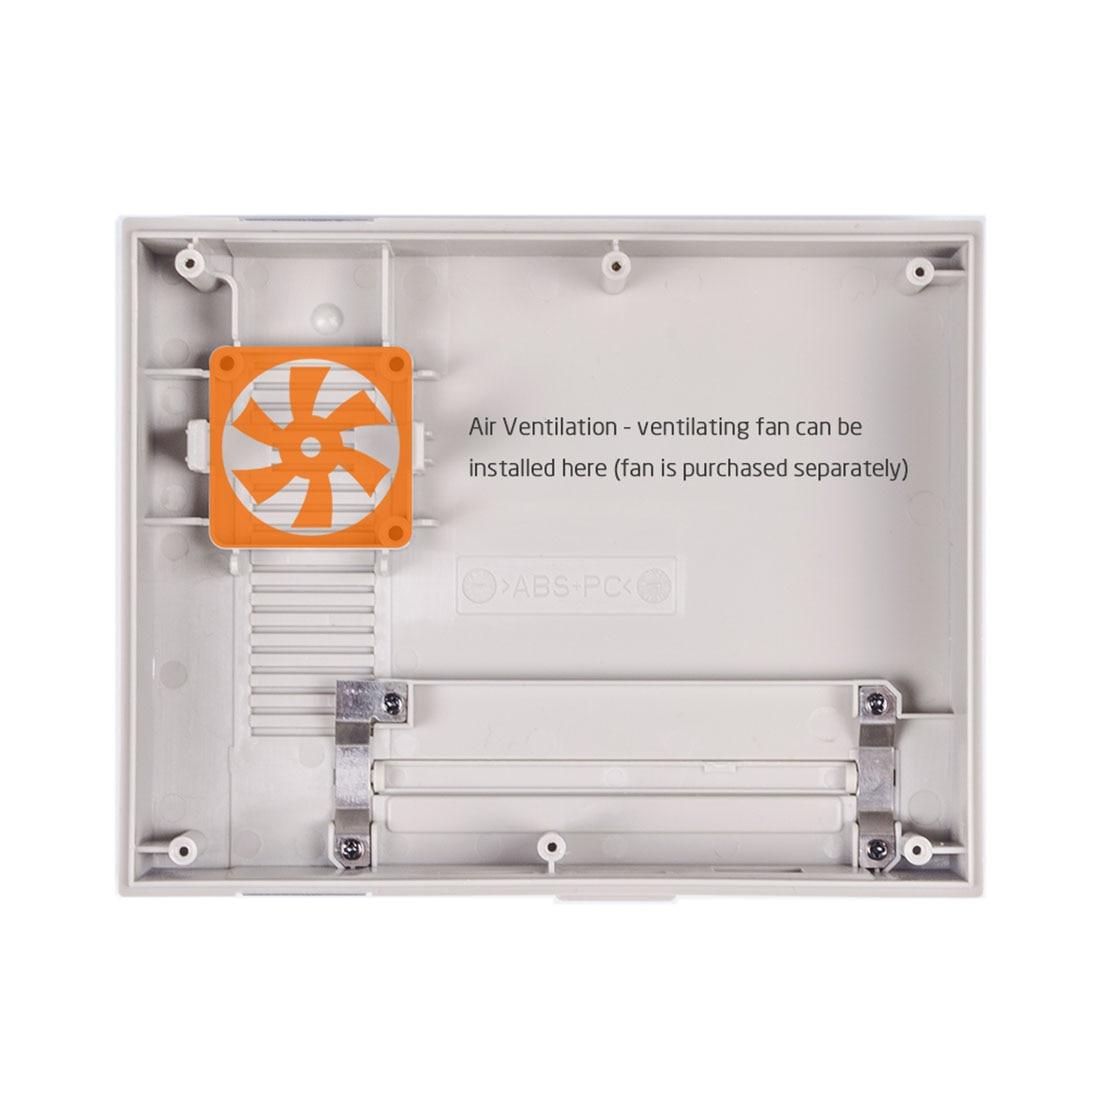 MODIKER 2019 New Retroflag NESPi Case+ Reset Button With Safe Shutdown NESPi Case For Raspberry Pi 3B/3B+ Programmable Toys